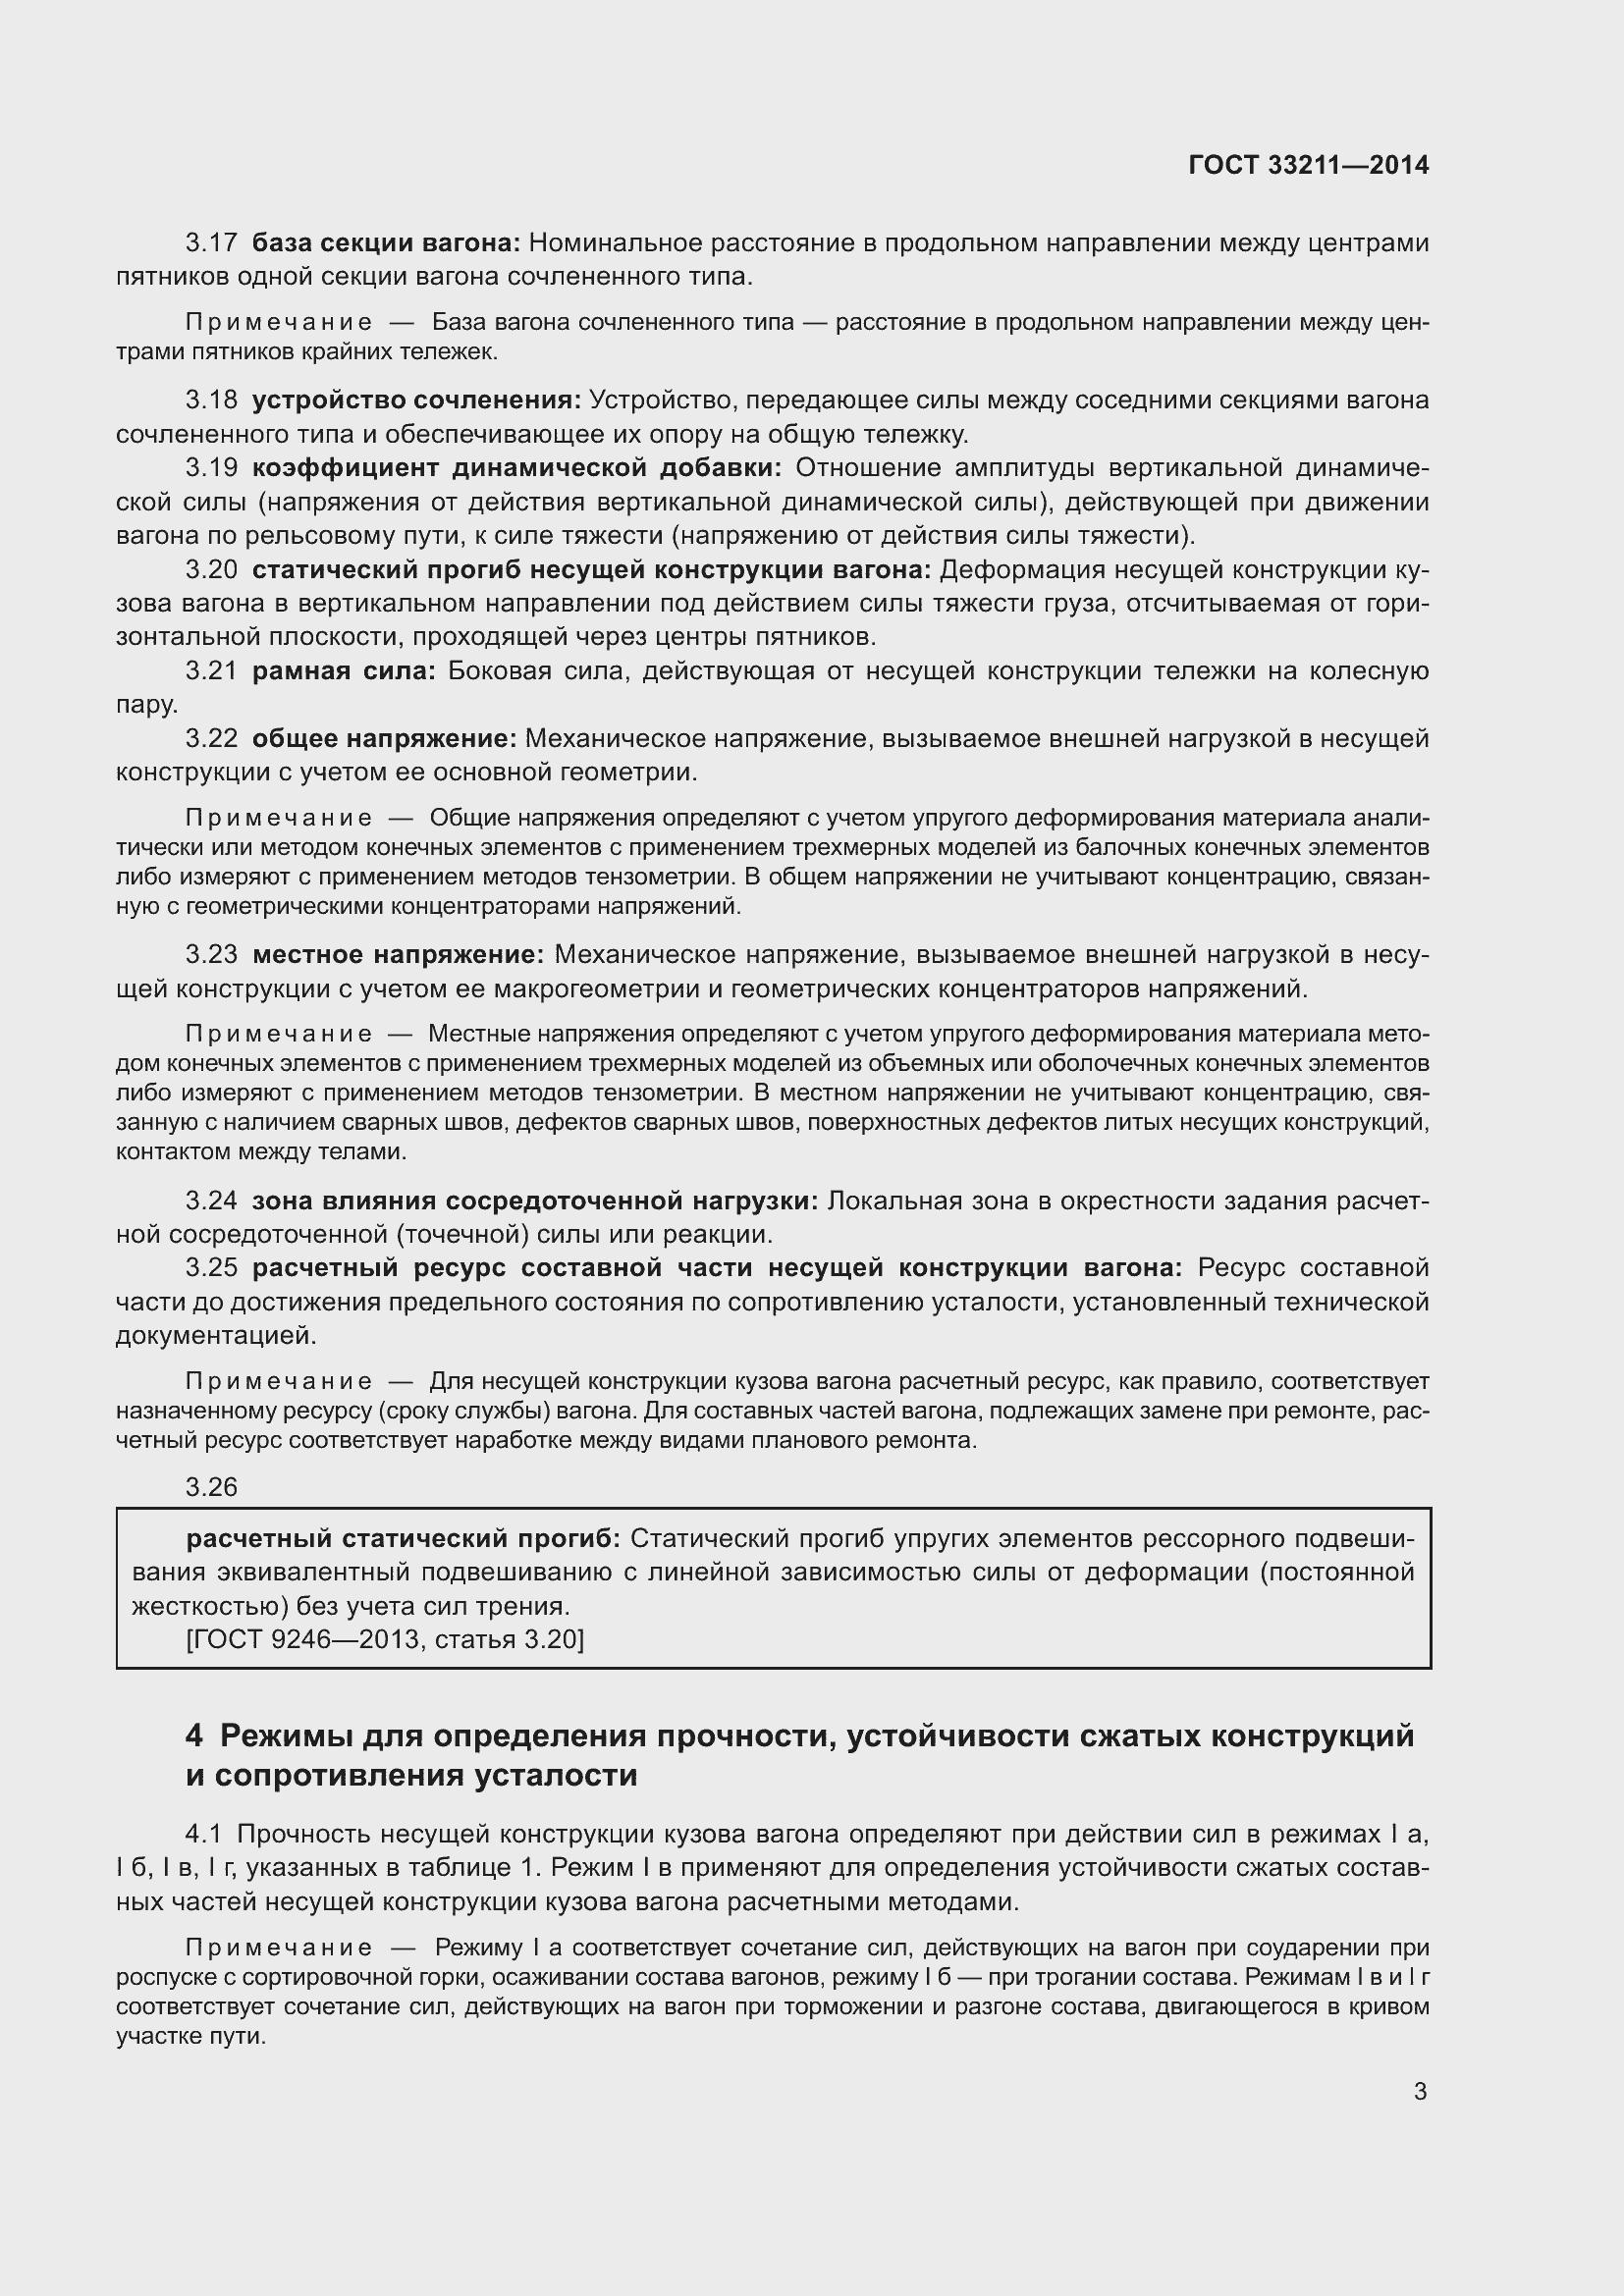 Гост р 54749 2018 скачать pdf